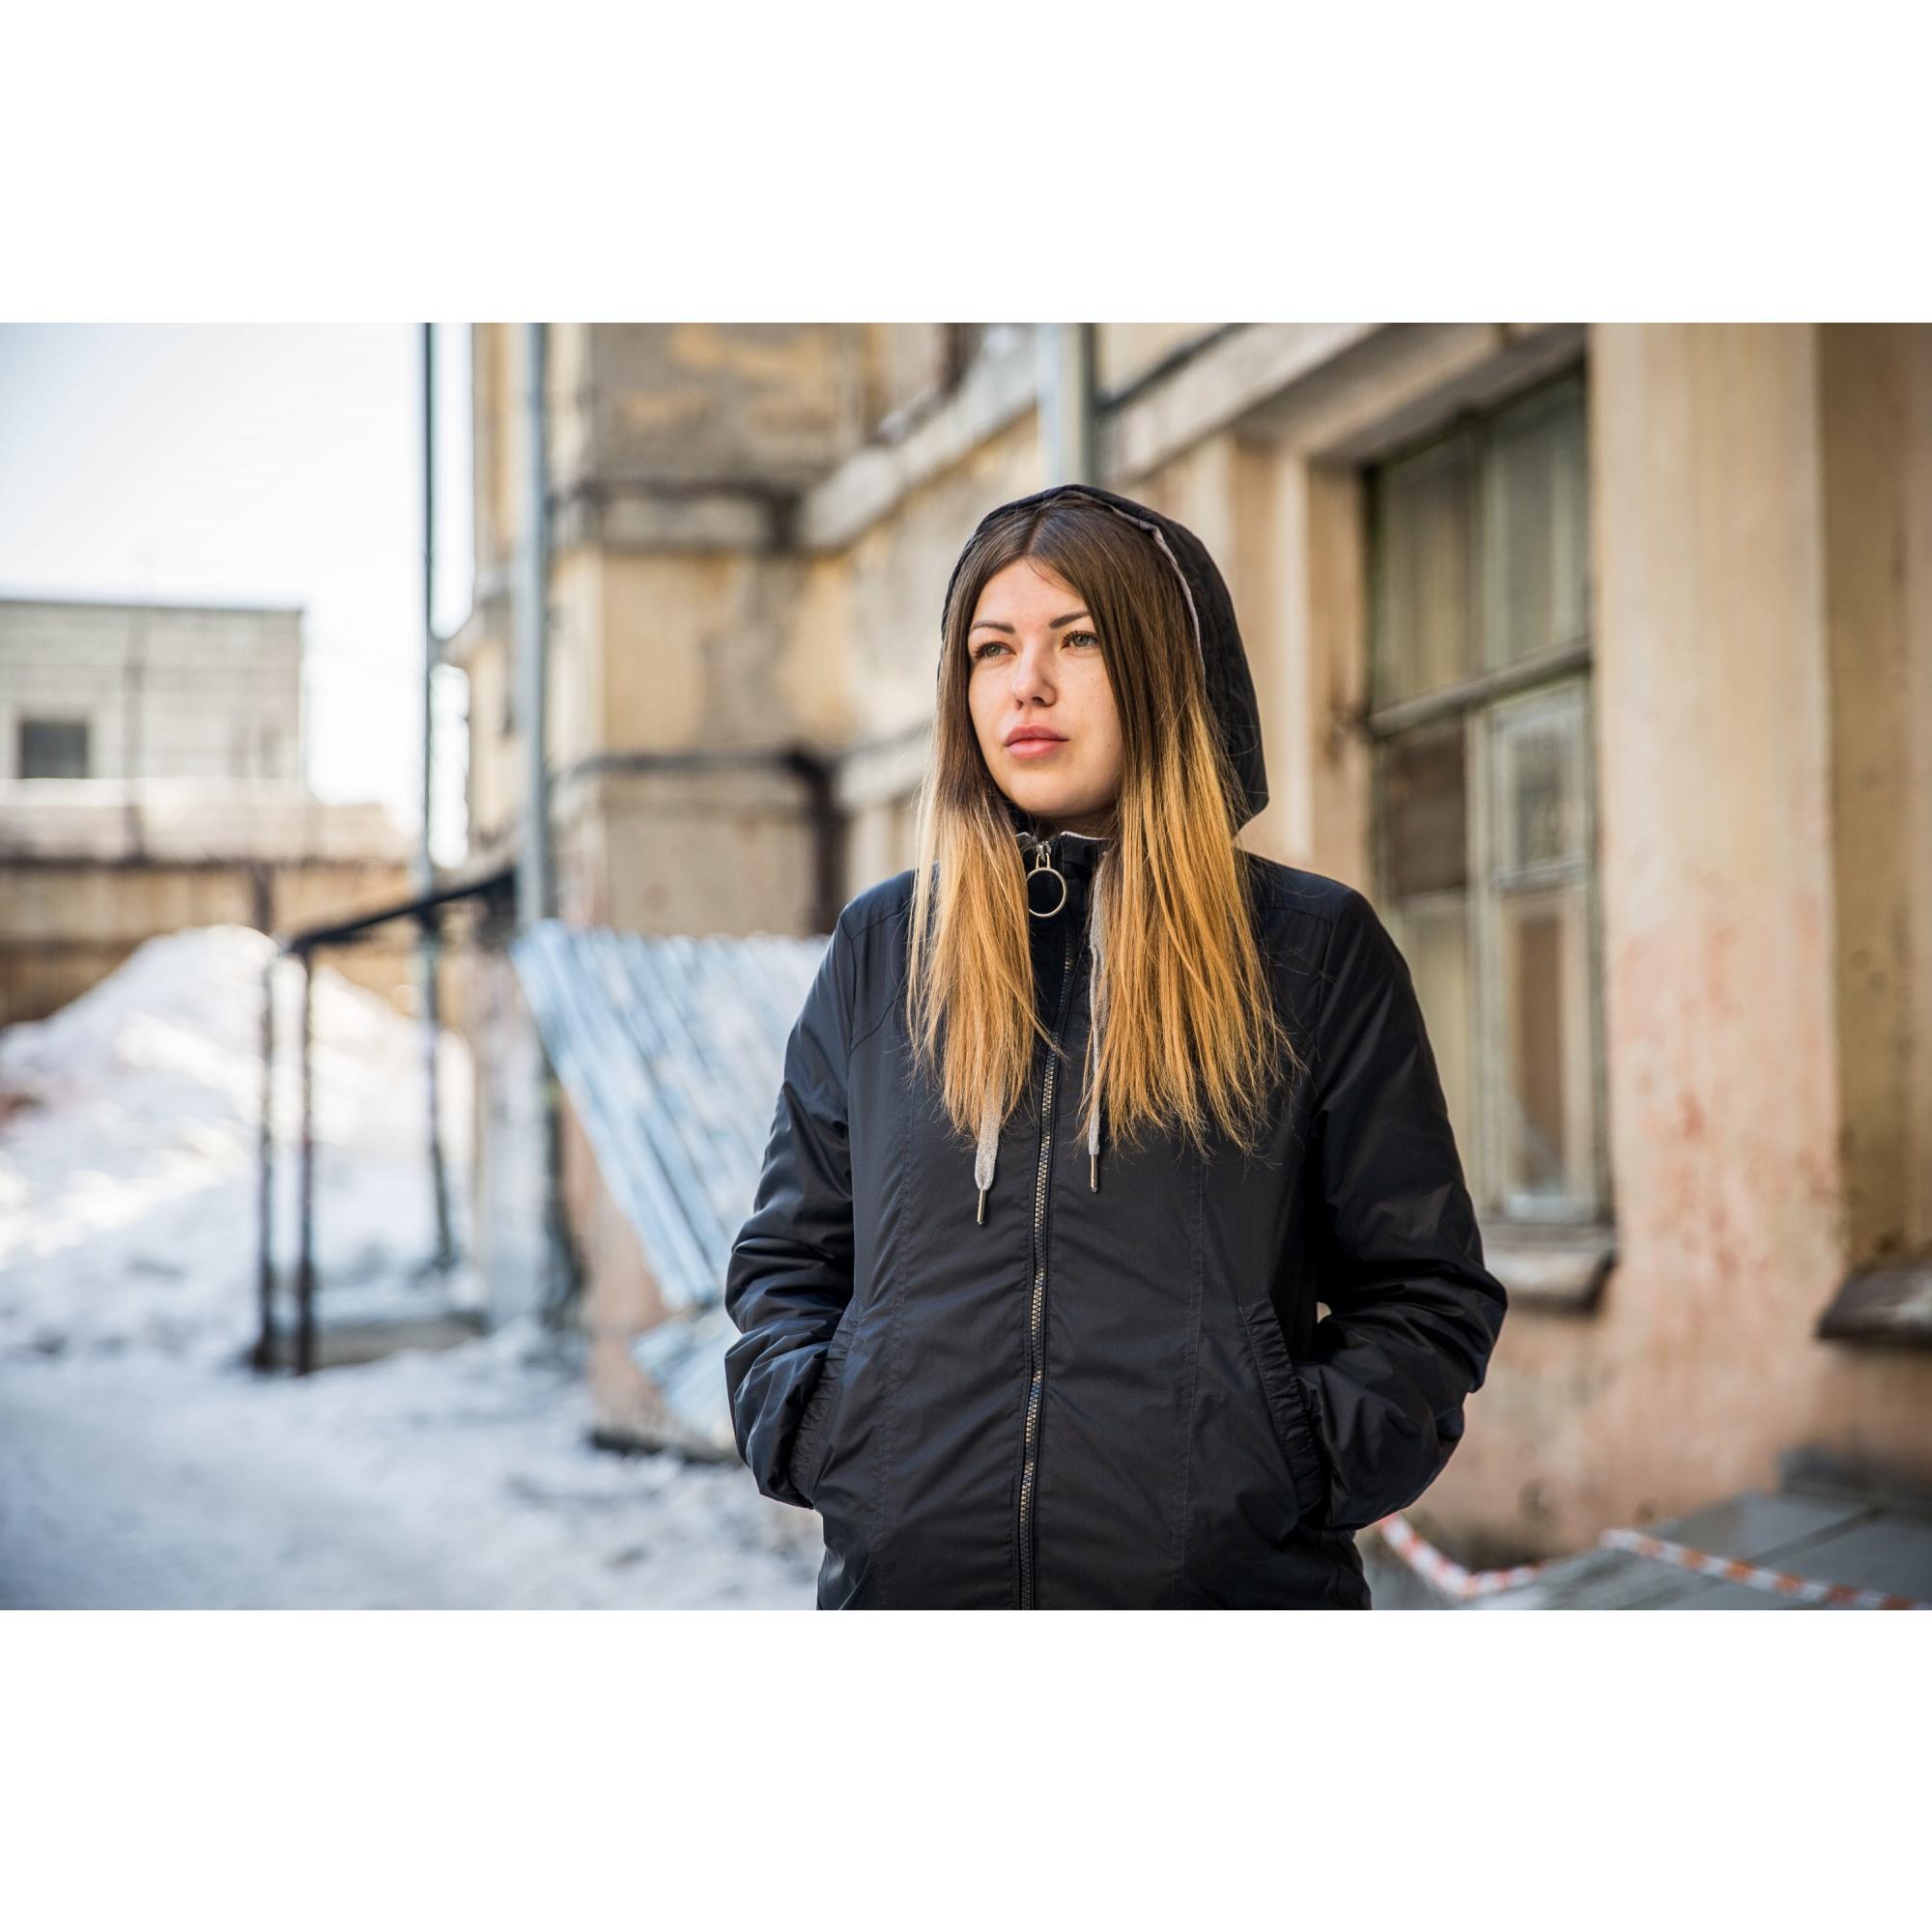 У 32-летней Евгении Захаровой трагедия забрала сразу и мужа, и пятилетнюю дочь Вику